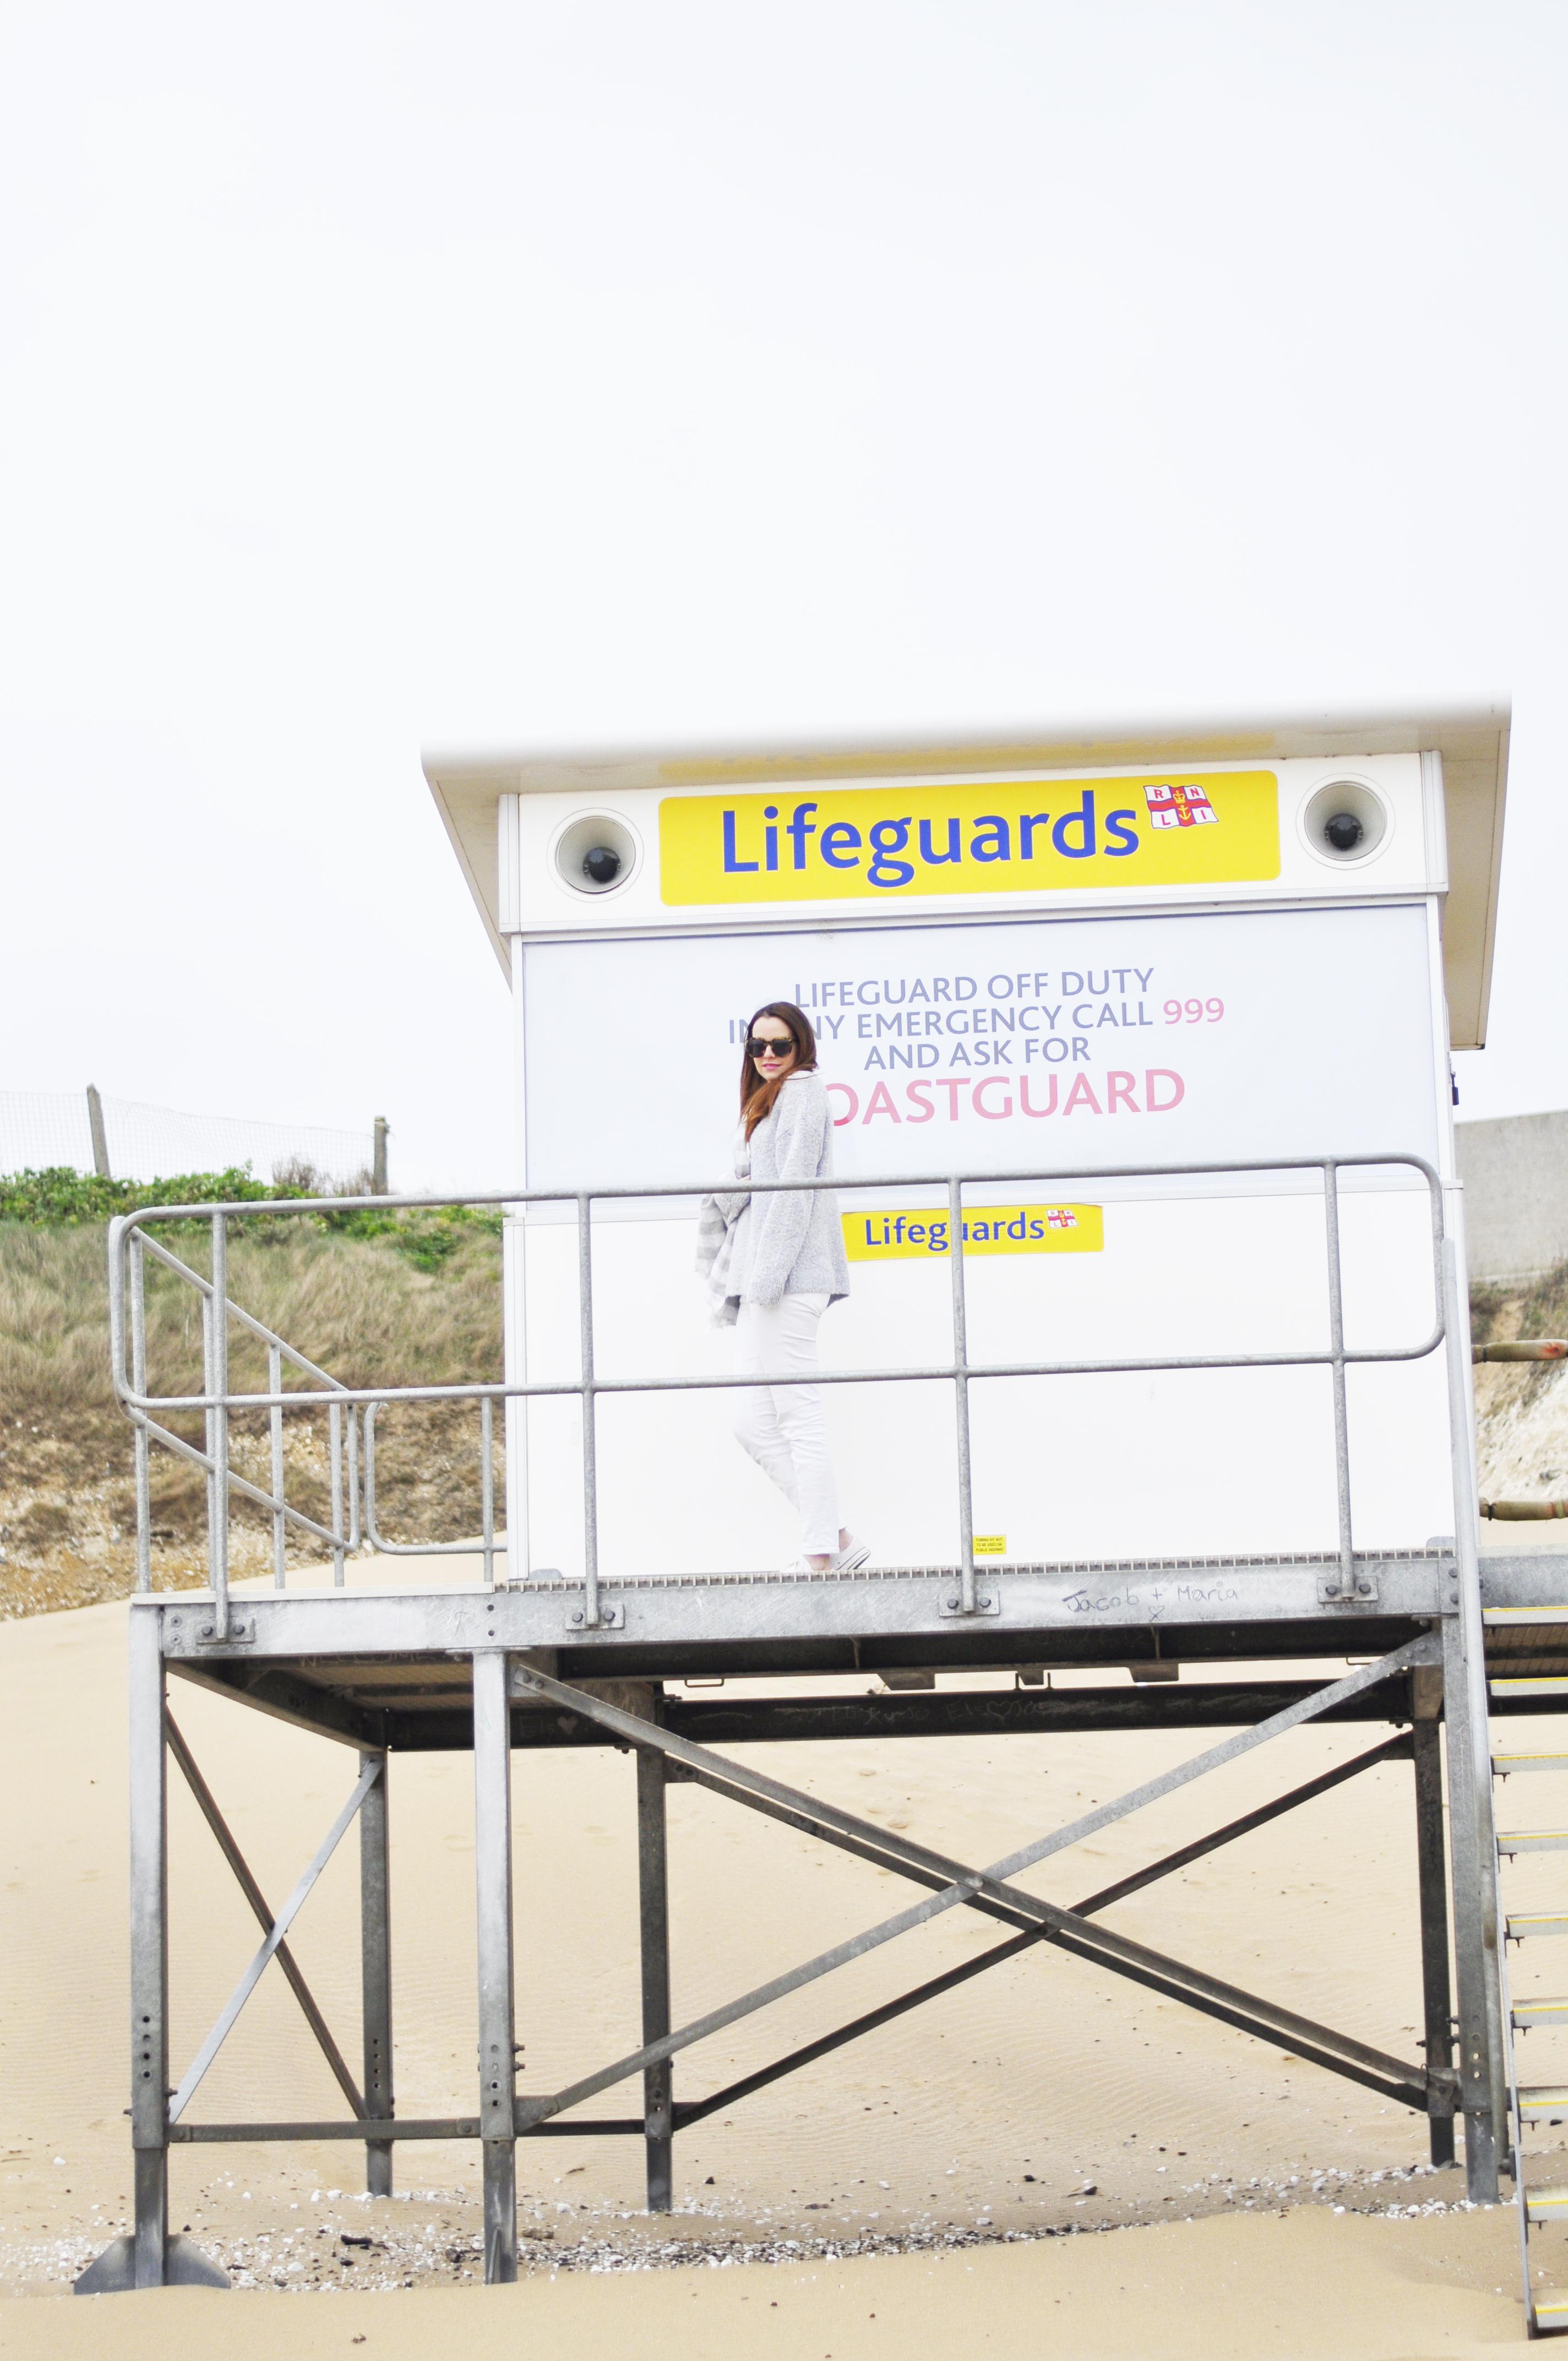 lifeguard02